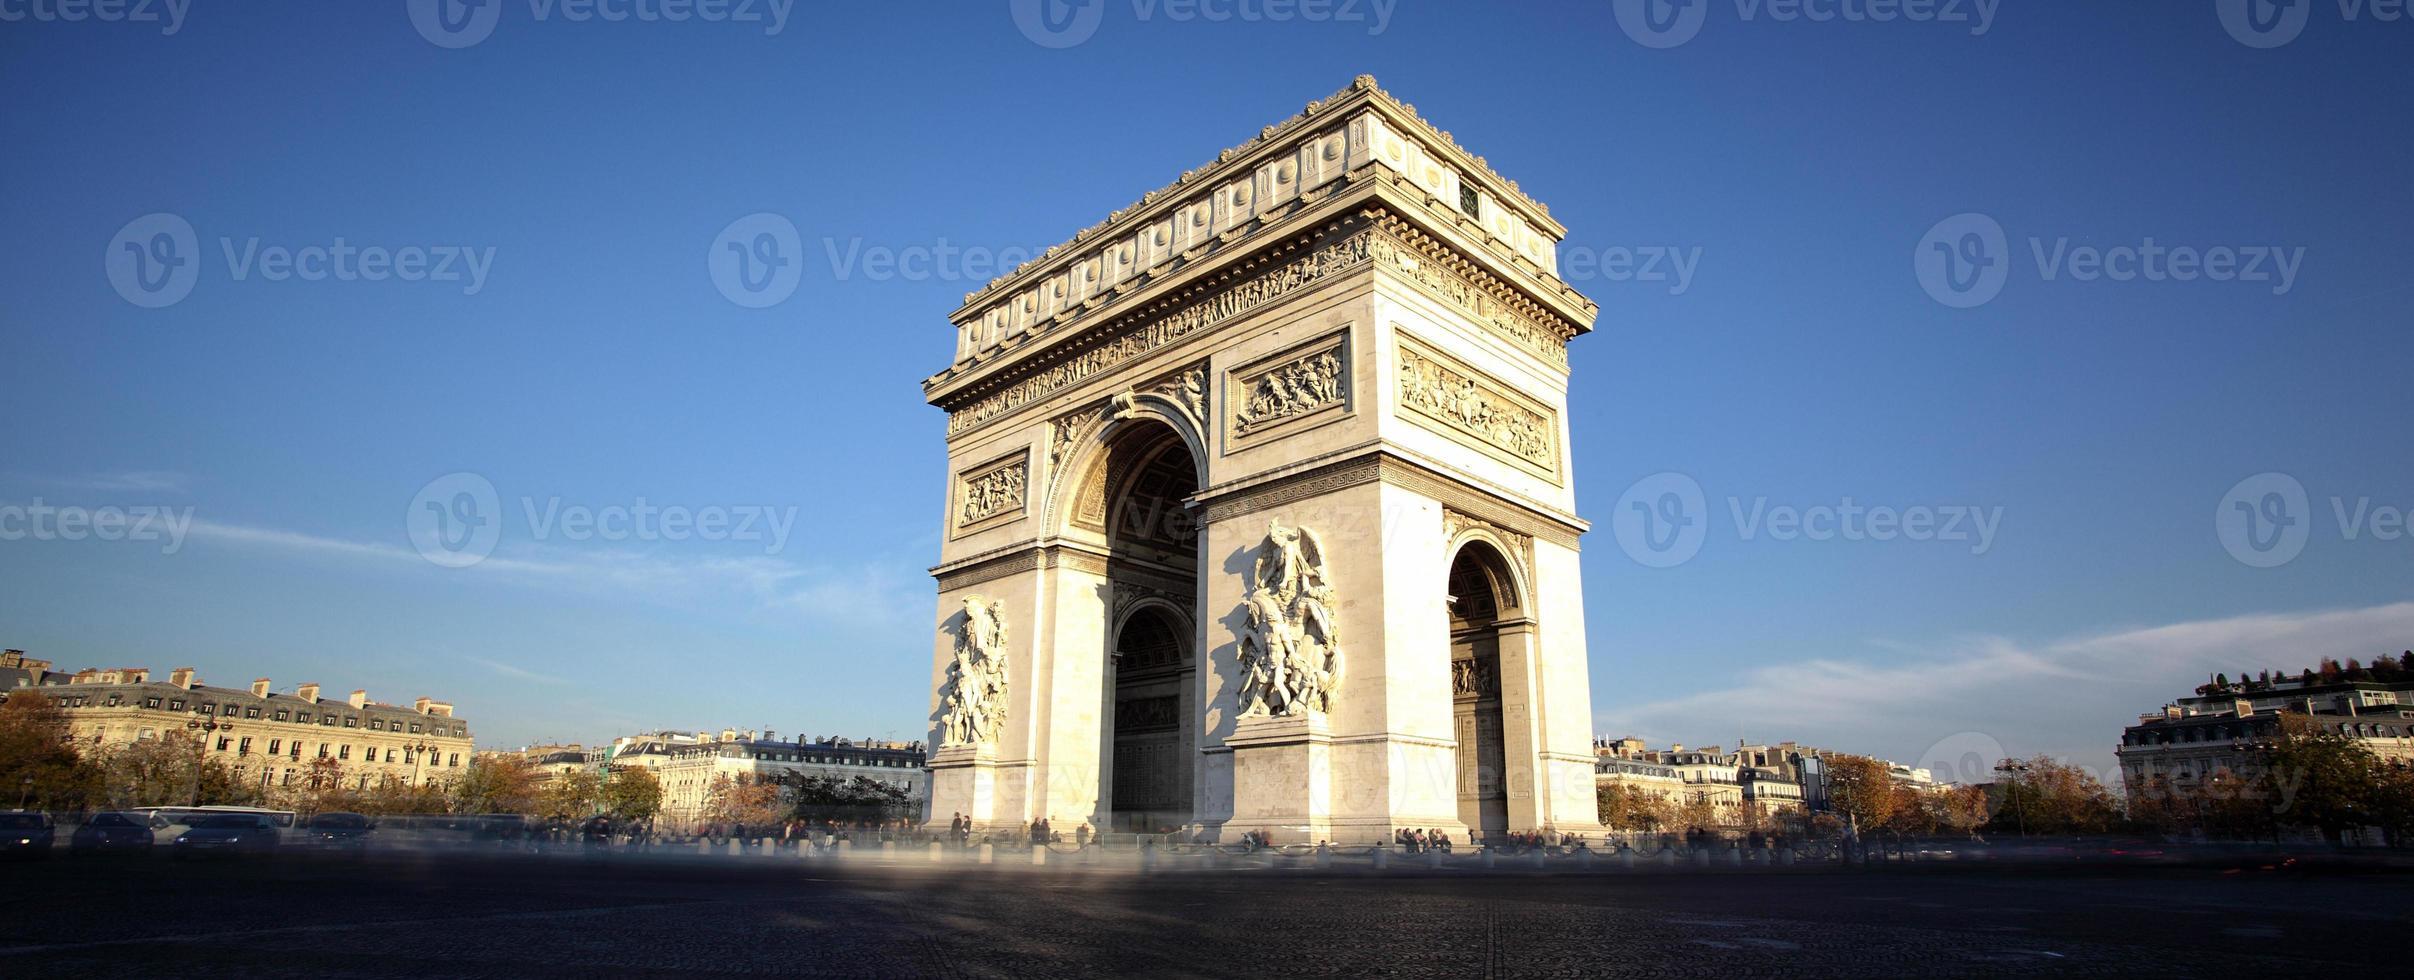 panoramisch uitzicht op de Arc de Triomphe foto